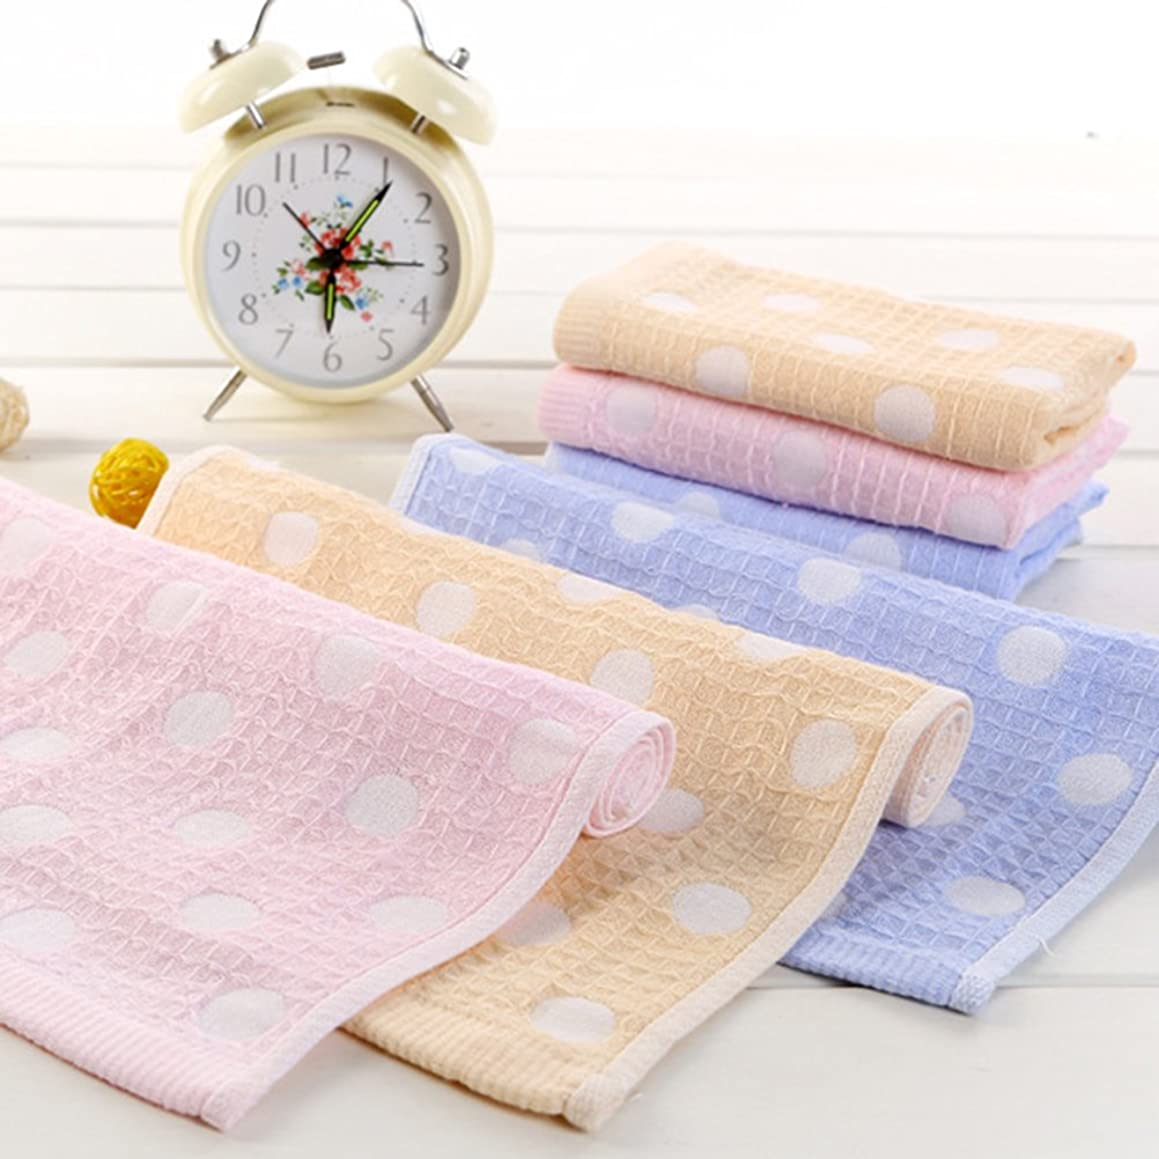 Lurrose 3pcs Beauty Face Towel Double Gauze Soft Towel Shower Wash Towel